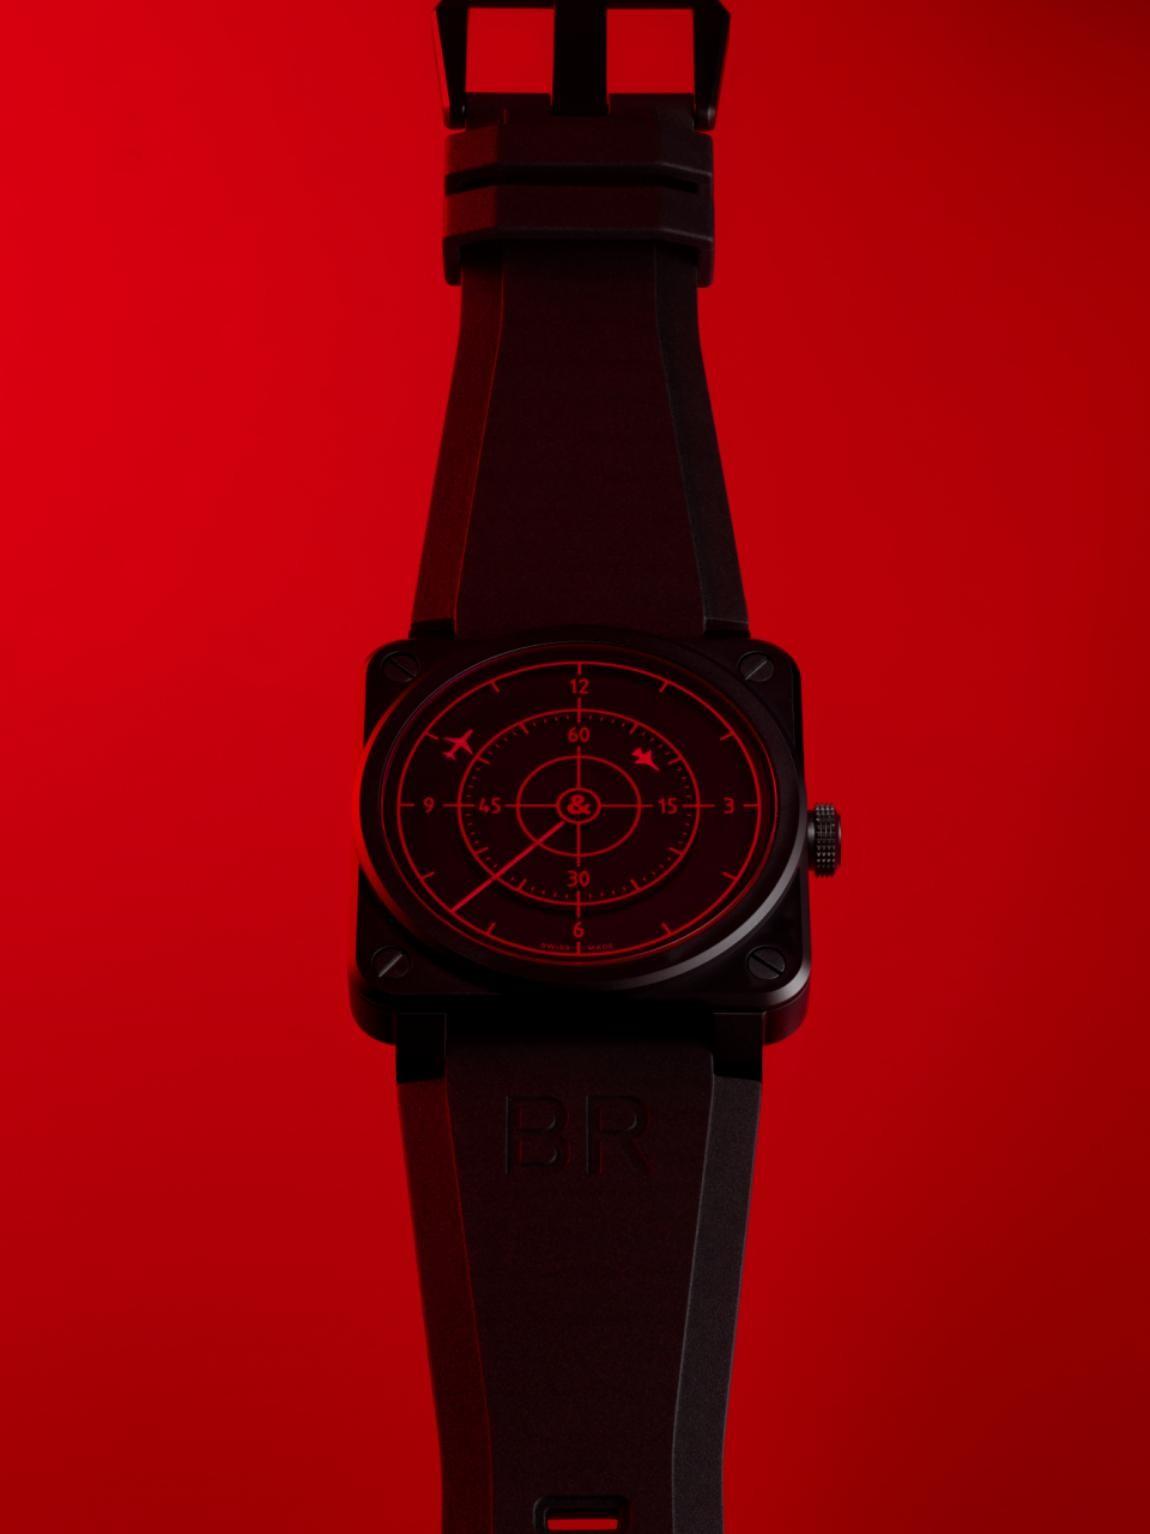 柏莱士全新发布红雷达计时腕表BR 03 RED RADAR CERAMIC